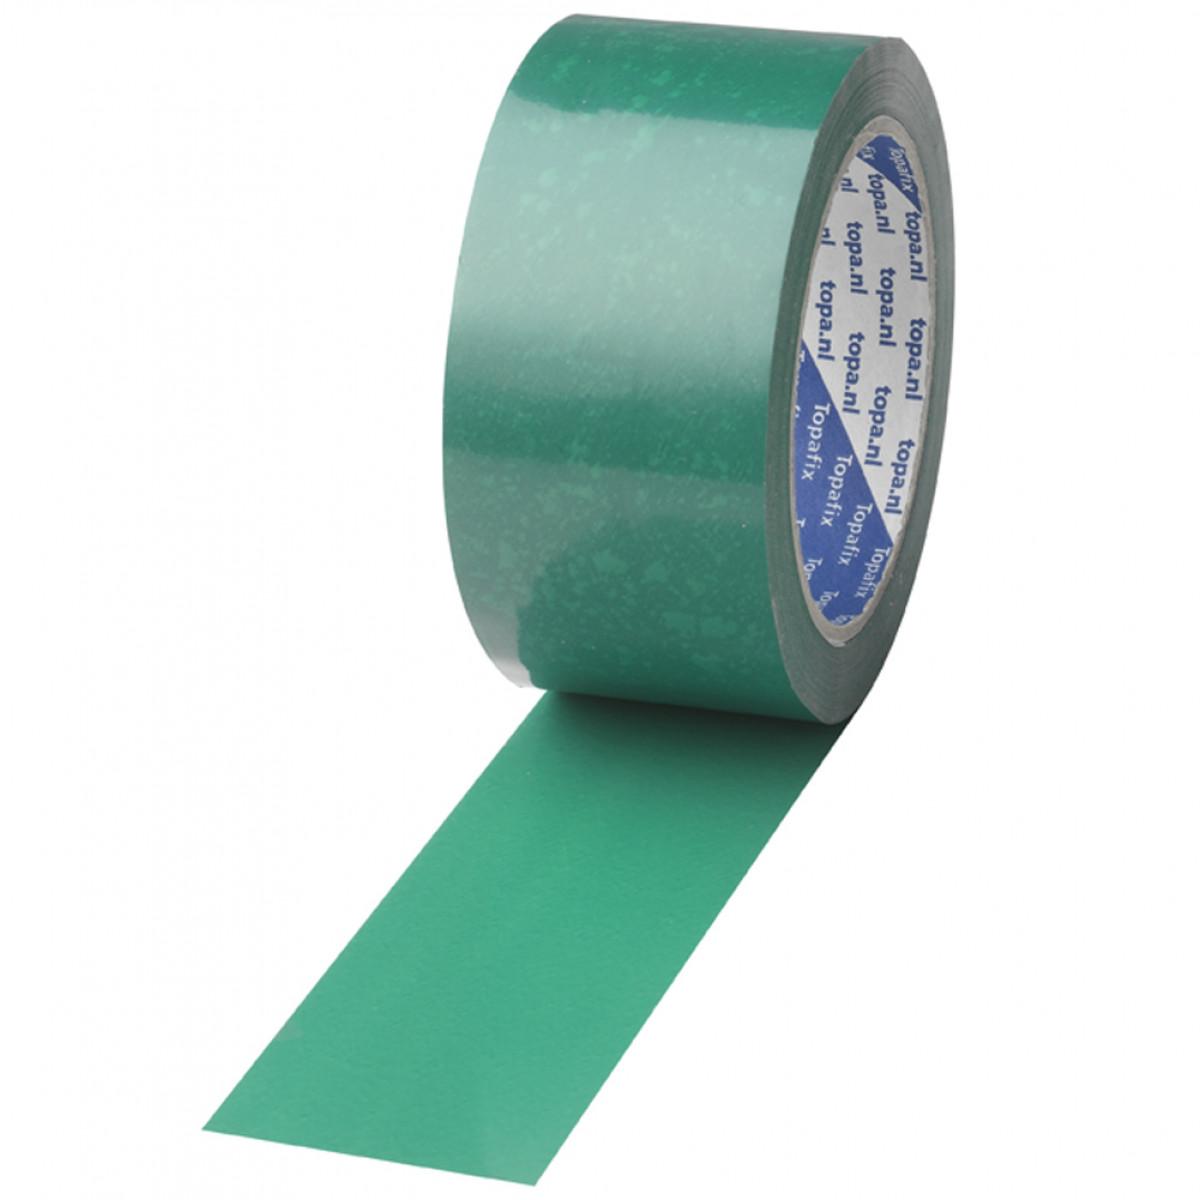 Topafix 50/66 Groen